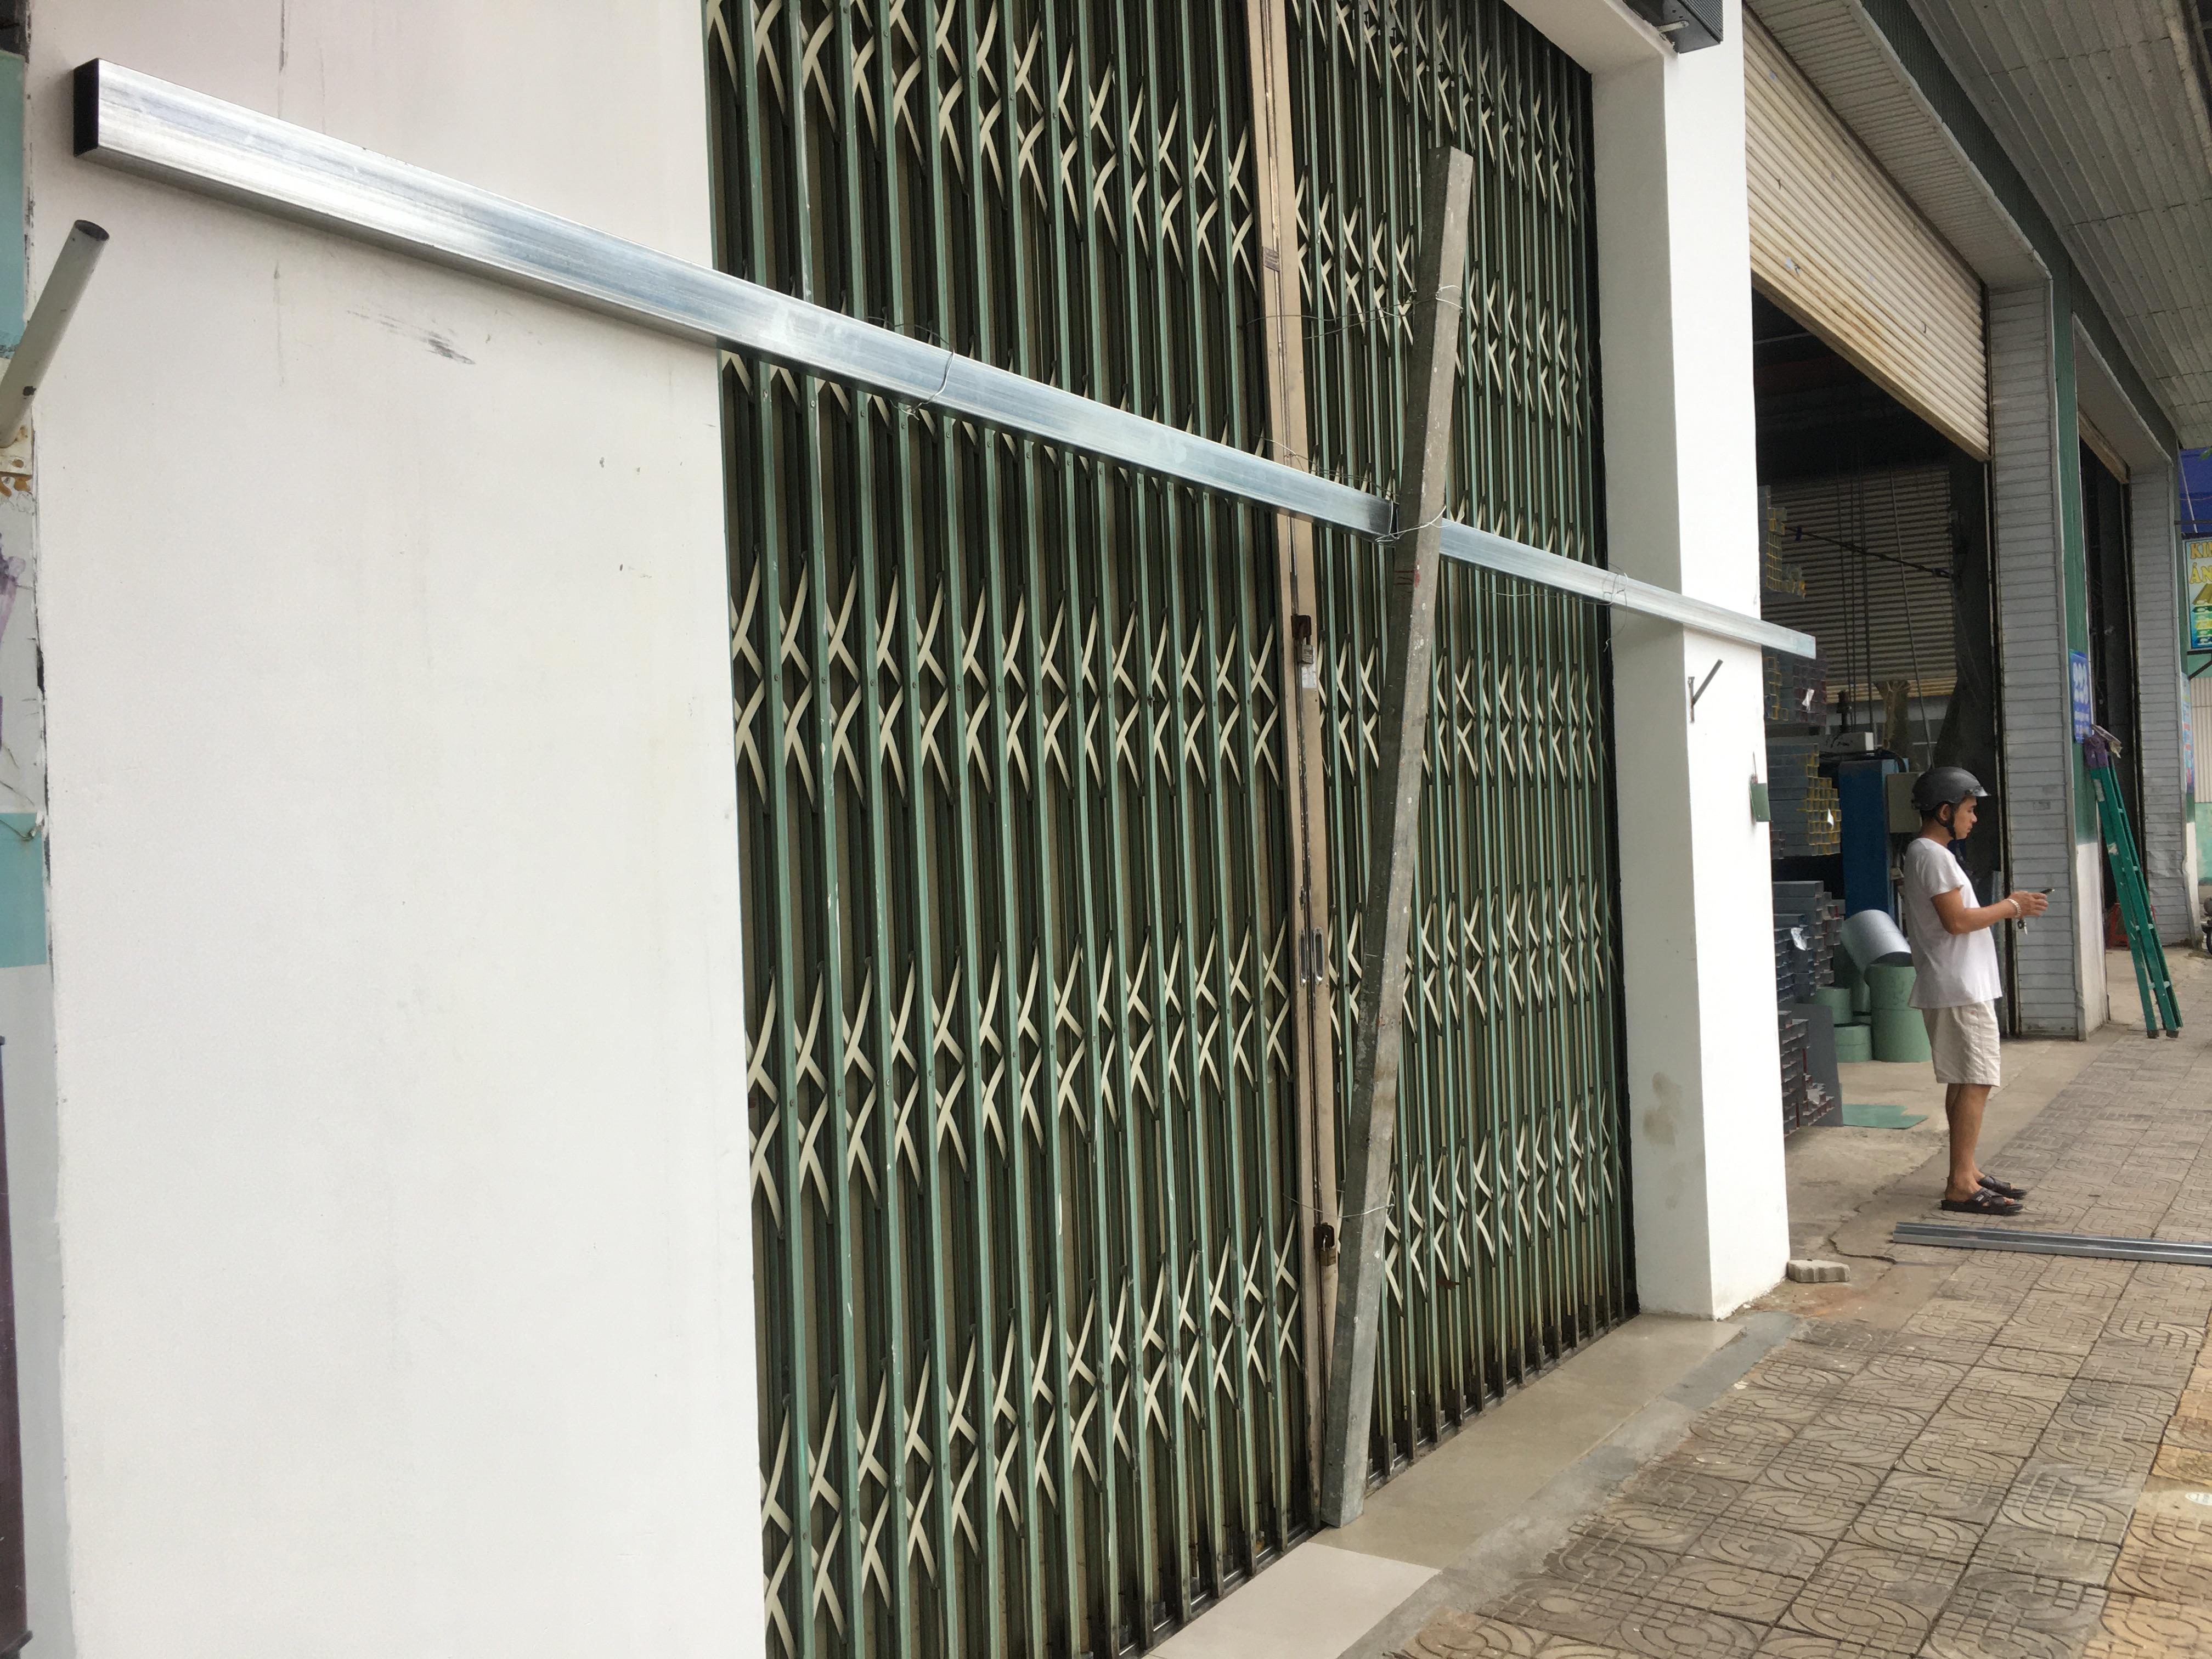 Bão số 9: Trụ ATM, ngân hàng ở Đà Nẵng tạm ngừng giao dịch, hàng loạt cửa hàng chèn chống trụ sở bằng hàng chục thanh sắt, gỗ loại lớn - Ảnh 13.